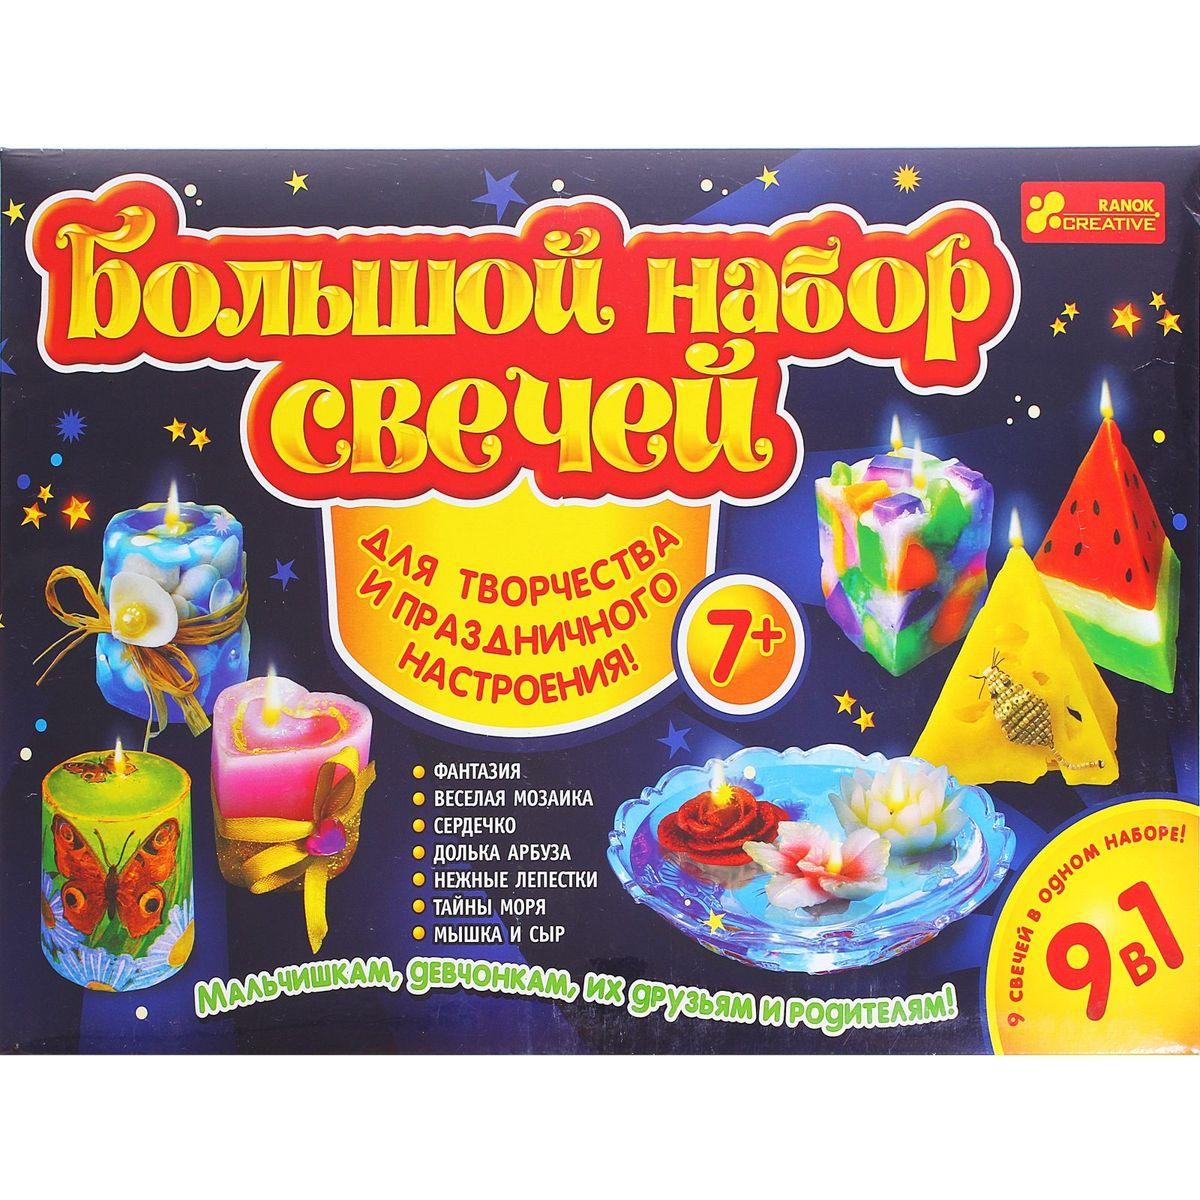 Набор для творчества Большой набор свечей 9 в 1. 10972101097210